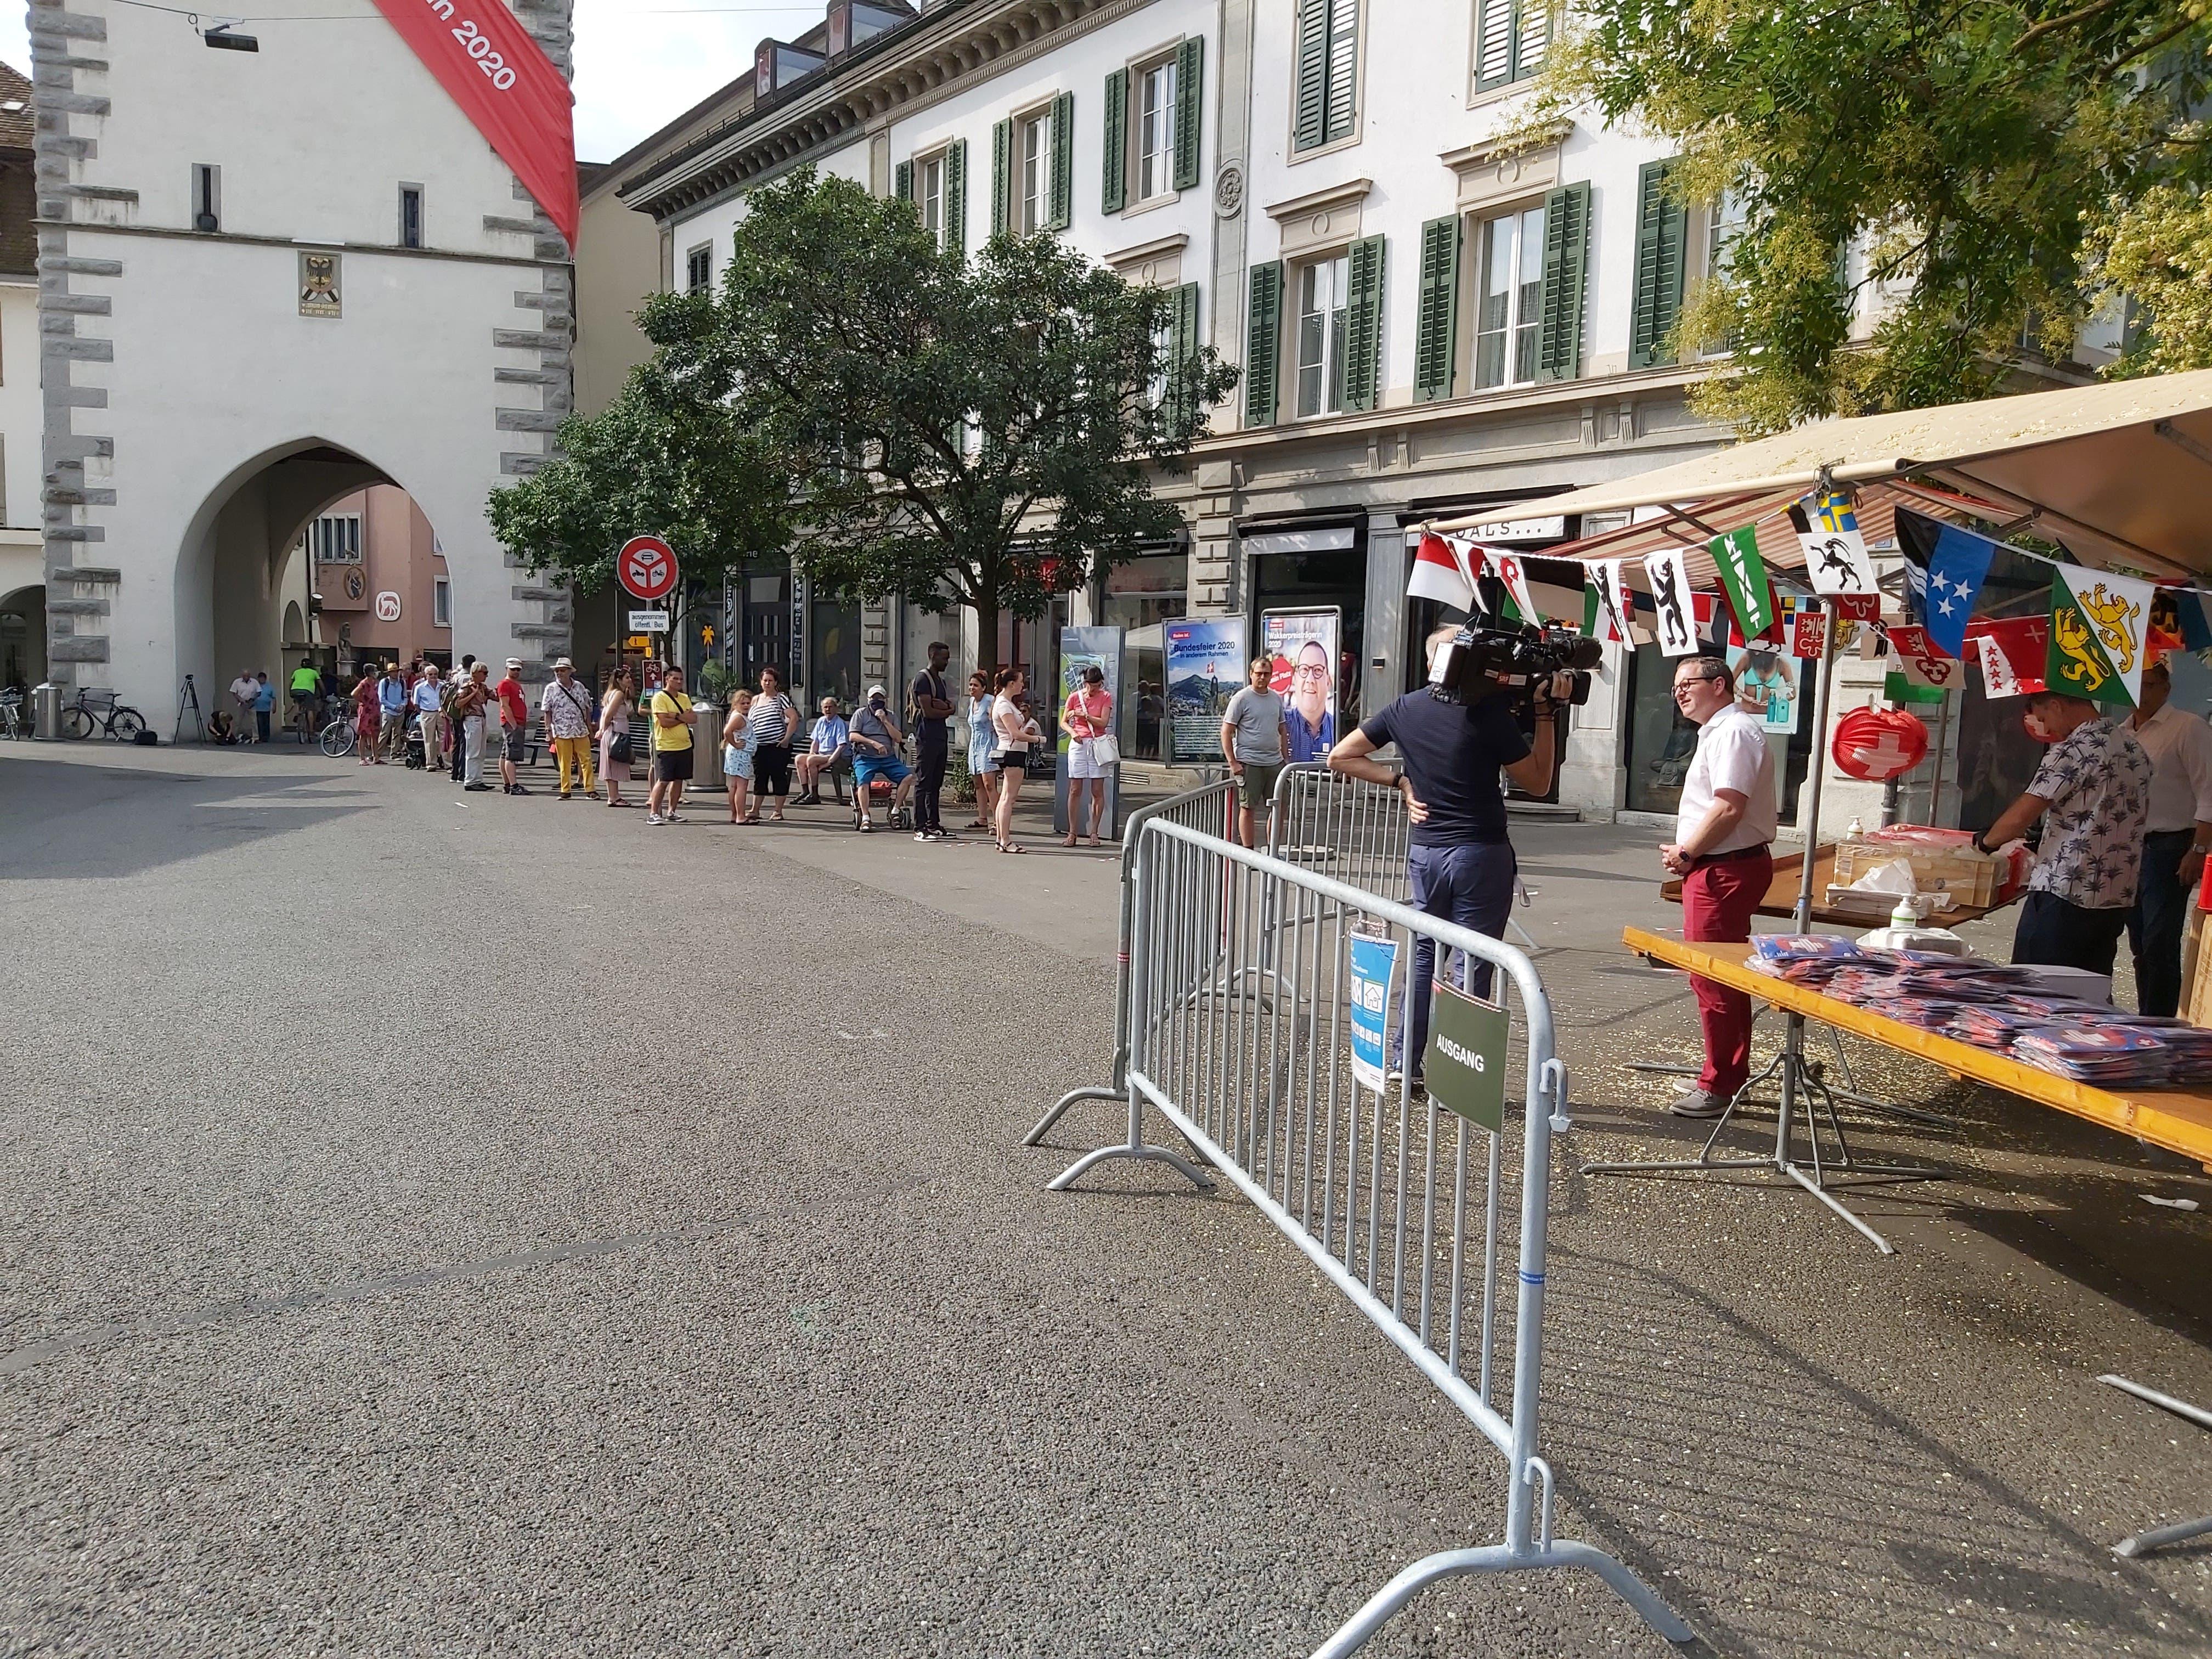 Die Einwohner freuen sich über die Aktion und stehen für Wurst und Lampion Schlange.